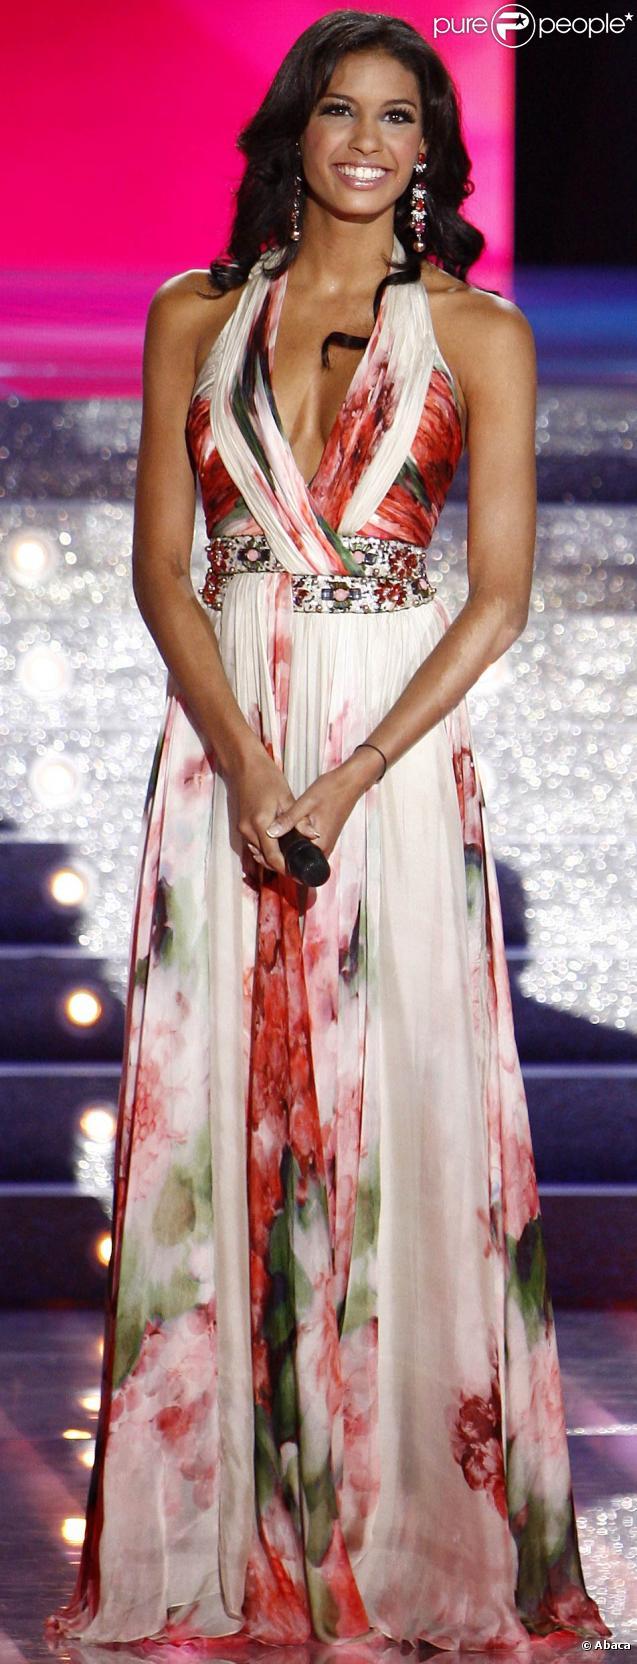 Chloé Mortaud, élue 4e plus belle femme du monde !